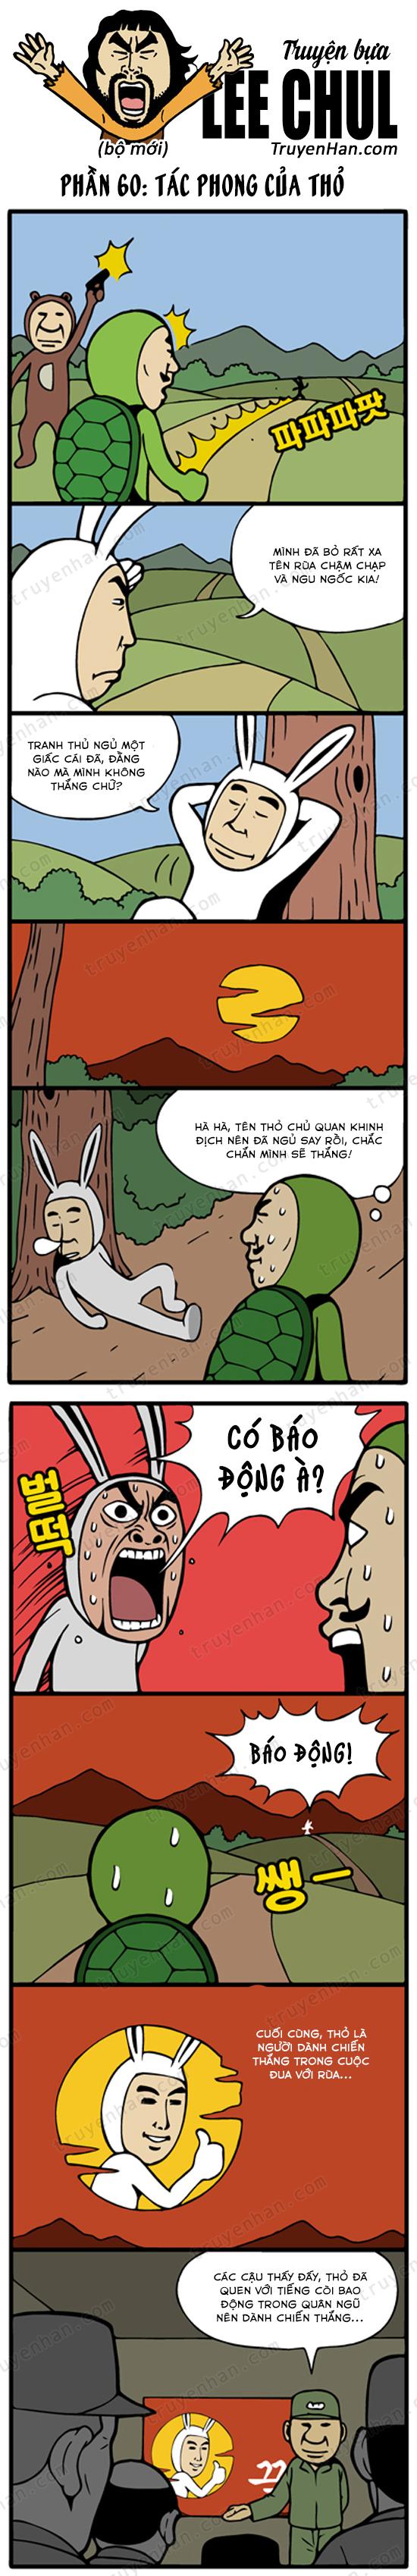 TRUYỆN BỰA LEE CHUL phần 60: Tác phong của thỏ